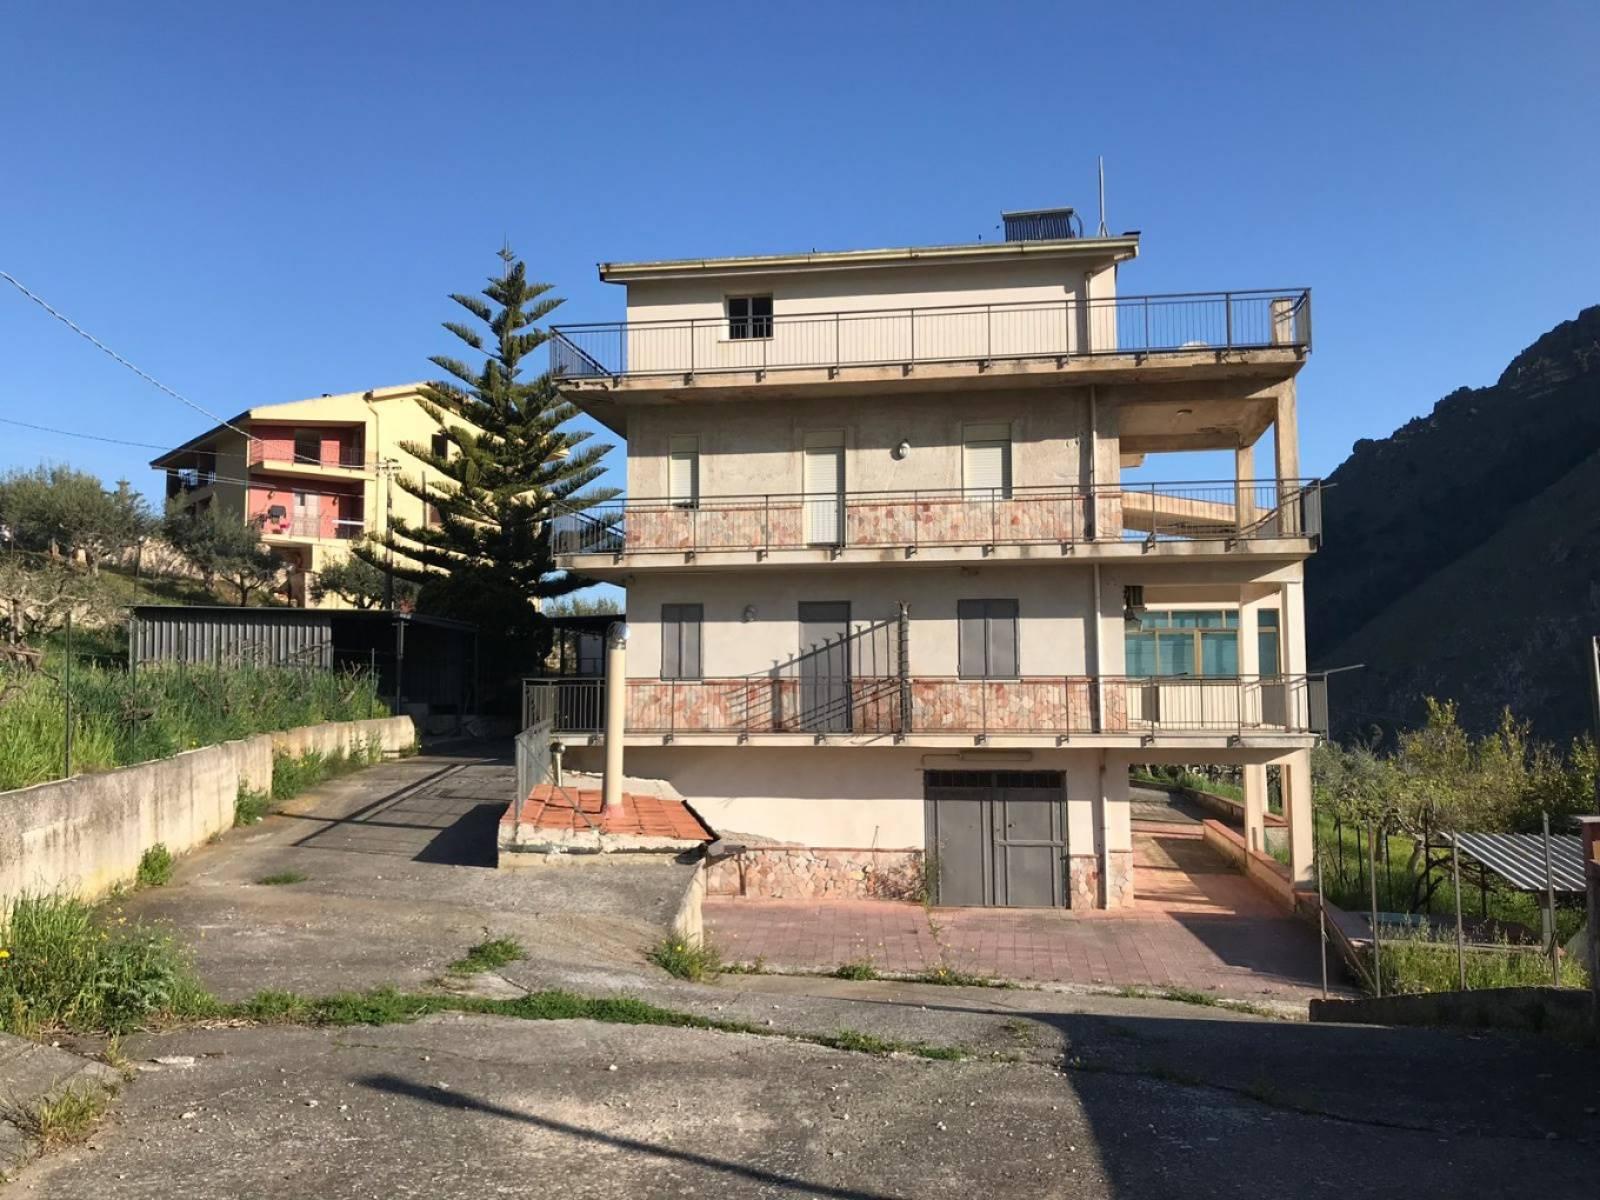 Appartamento in vendita a Altofonte, 3 locali, prezzo € 95.000 | CambioCasa.it